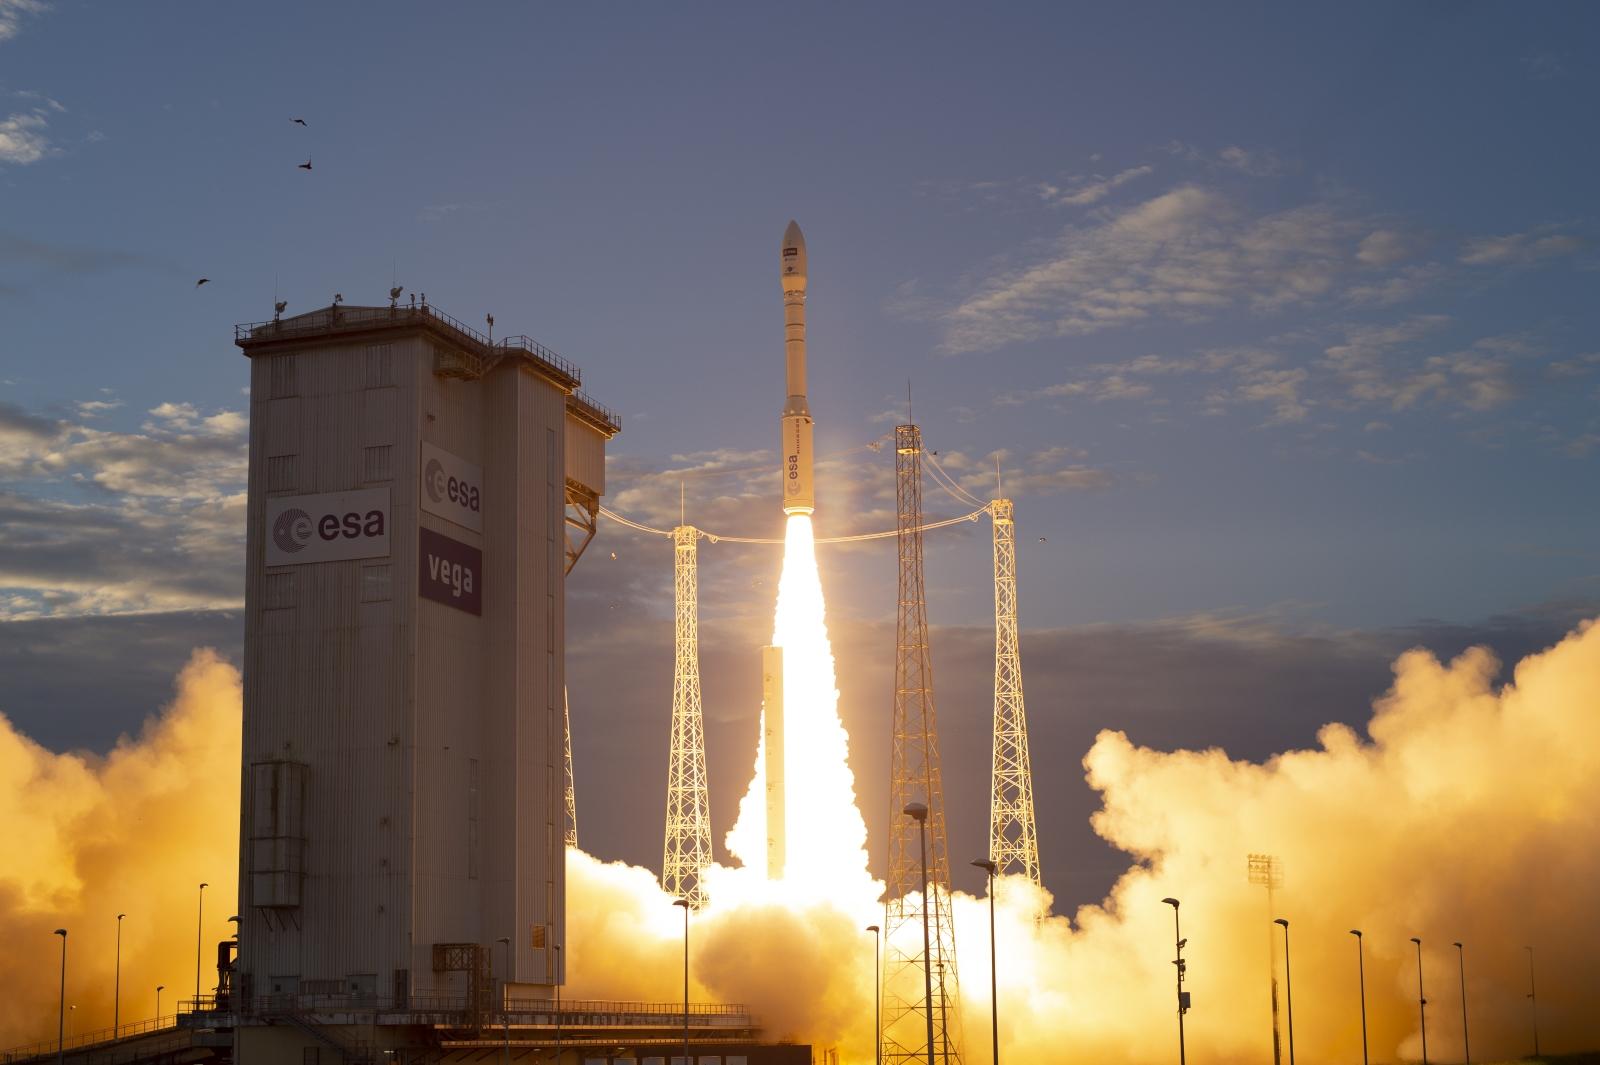 Raketa Vega při startu mise Aeolus